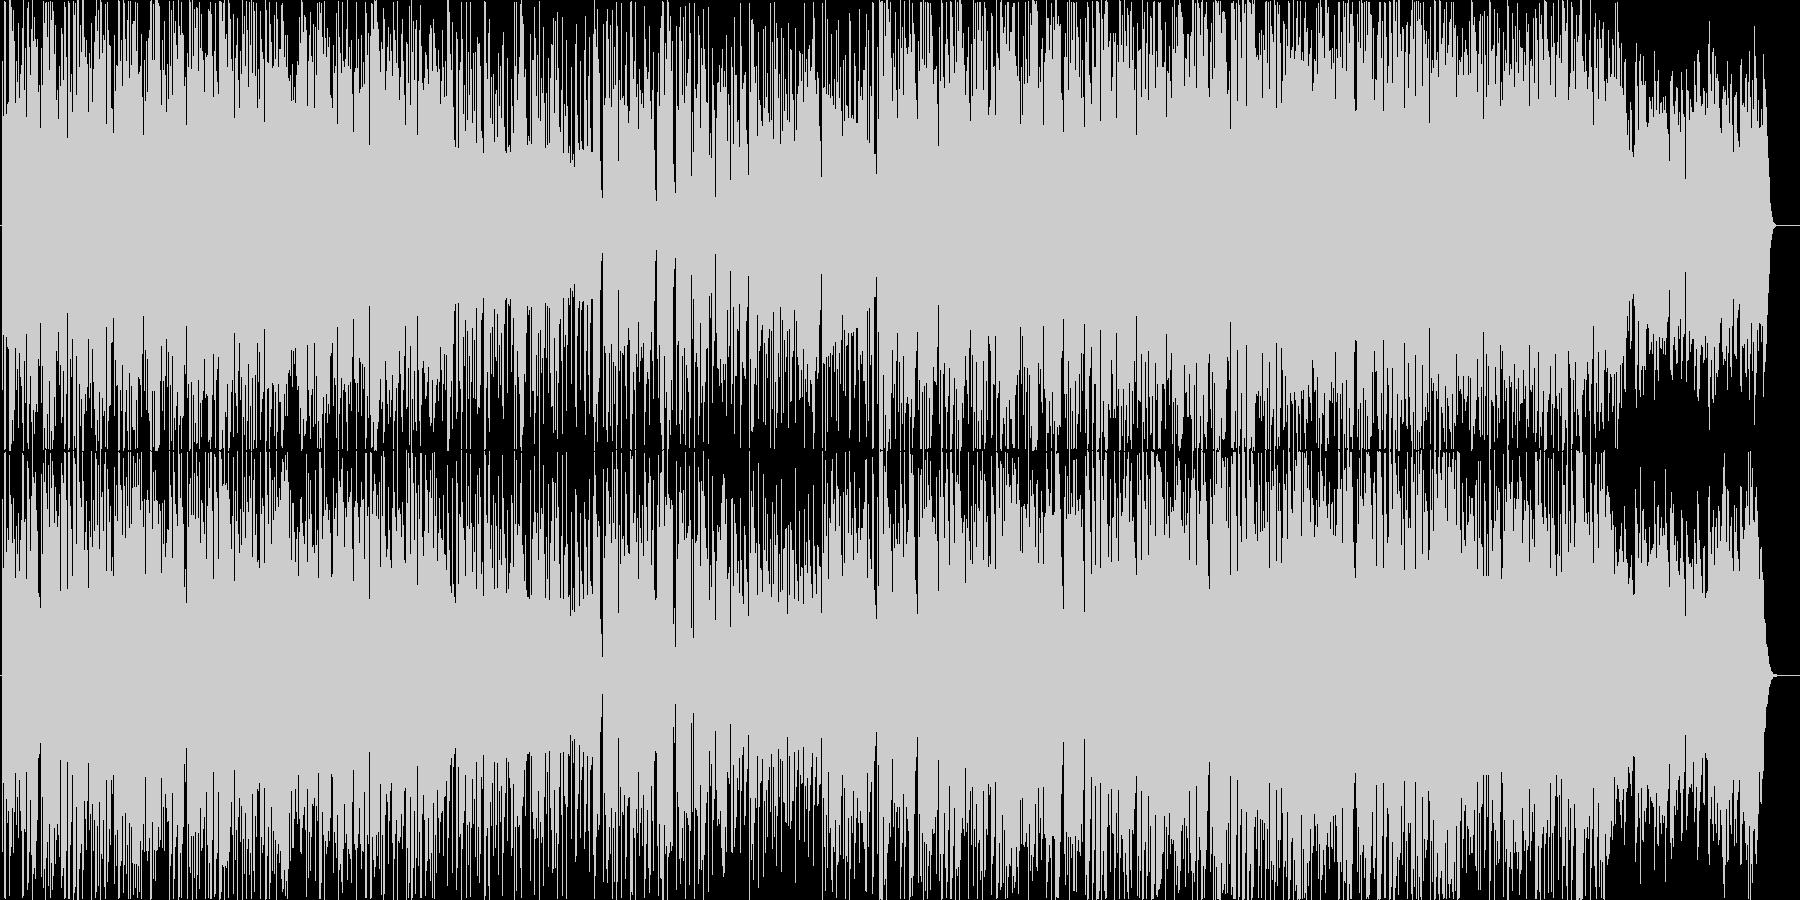 CM向けオシャレで可愛いポップなダンス曲の未再生の波形